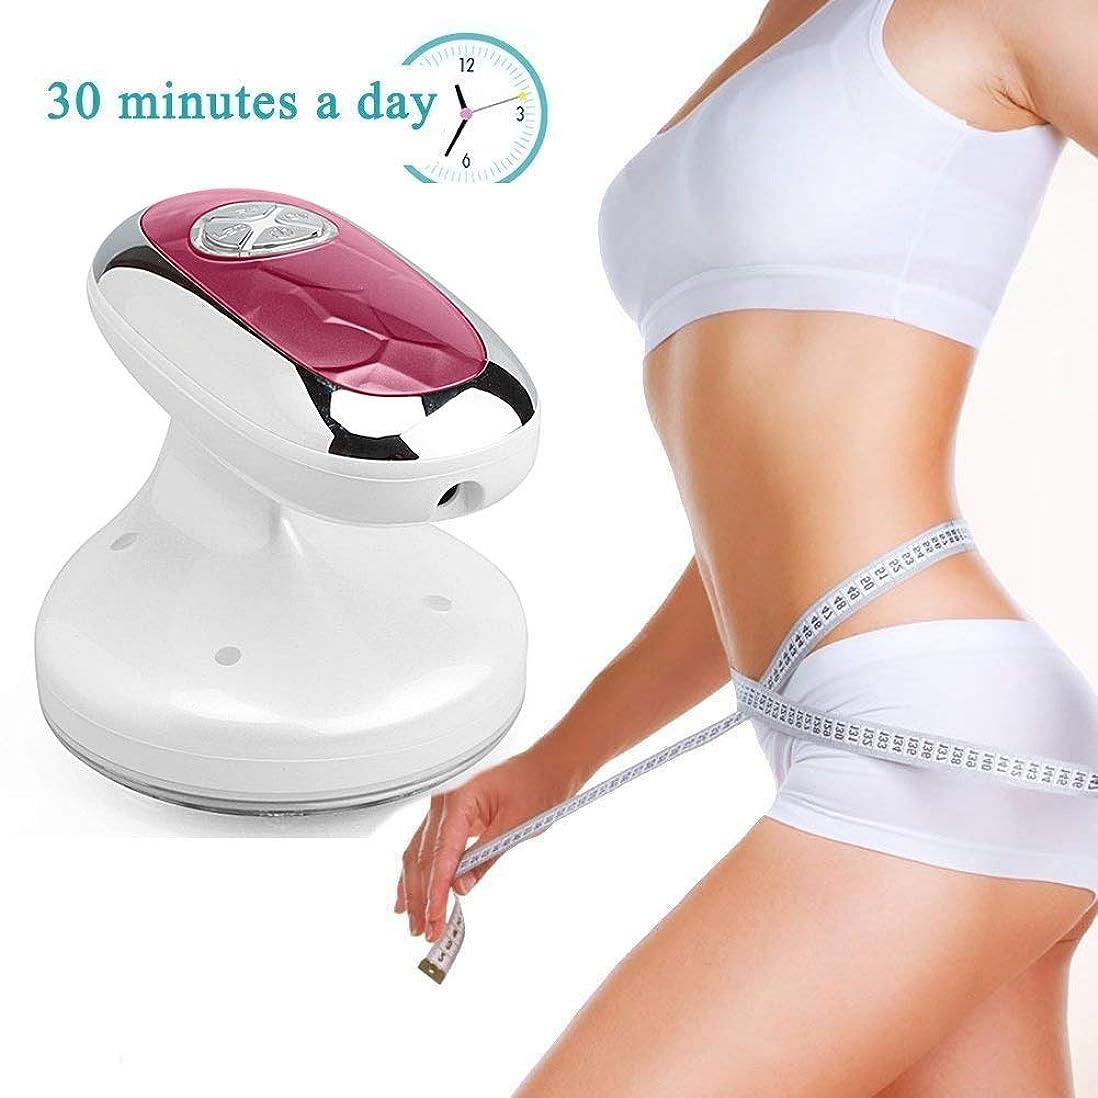 スキルマーティンルーサーキングジュニア帰するEMS損失脂肪マシン高周波振動美容機器、脂肪リムーバーシェーピングマシン超音波ボディスリミングマッサージ機空洞吸引脂肪体スリミングインストゥルメント